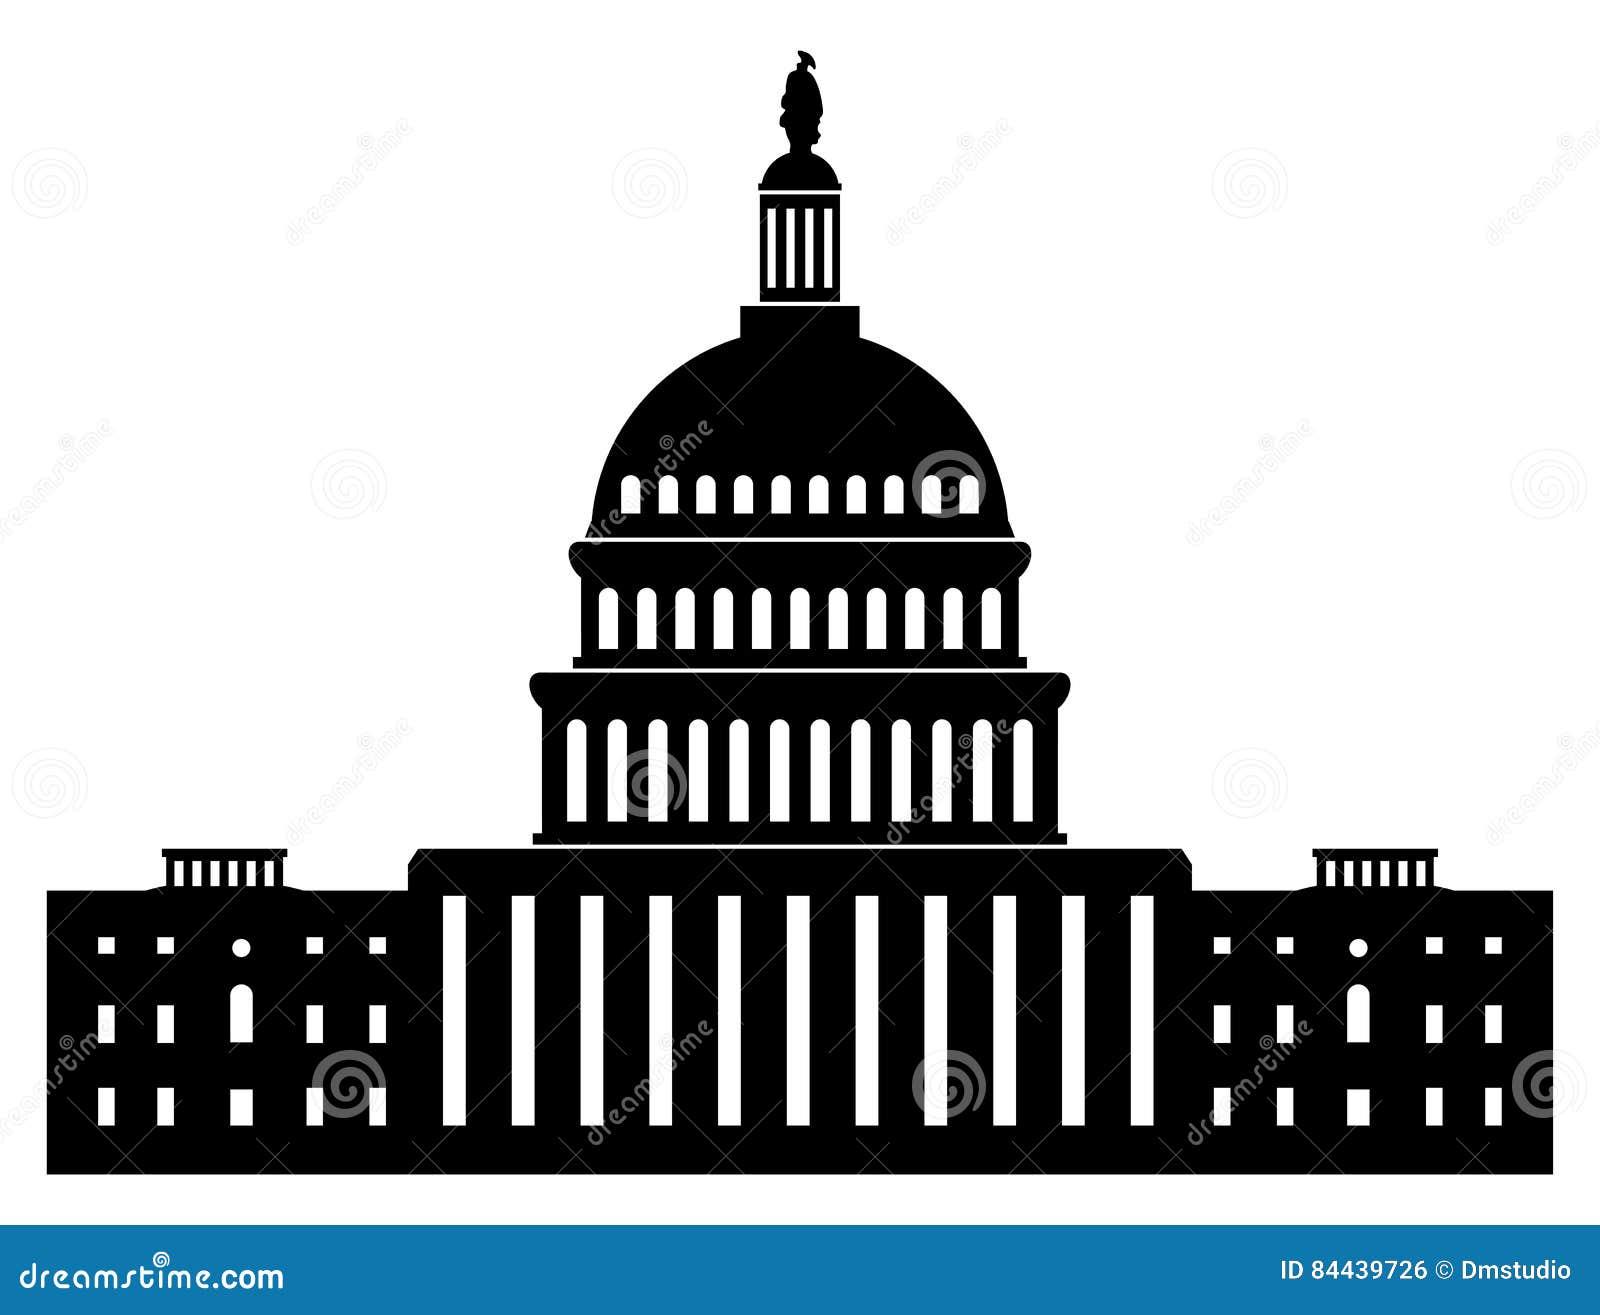 icon of capitol building washington dc american congress vector rh dreamstime com Simple Capitol Building Drawing capitol building vector artwork